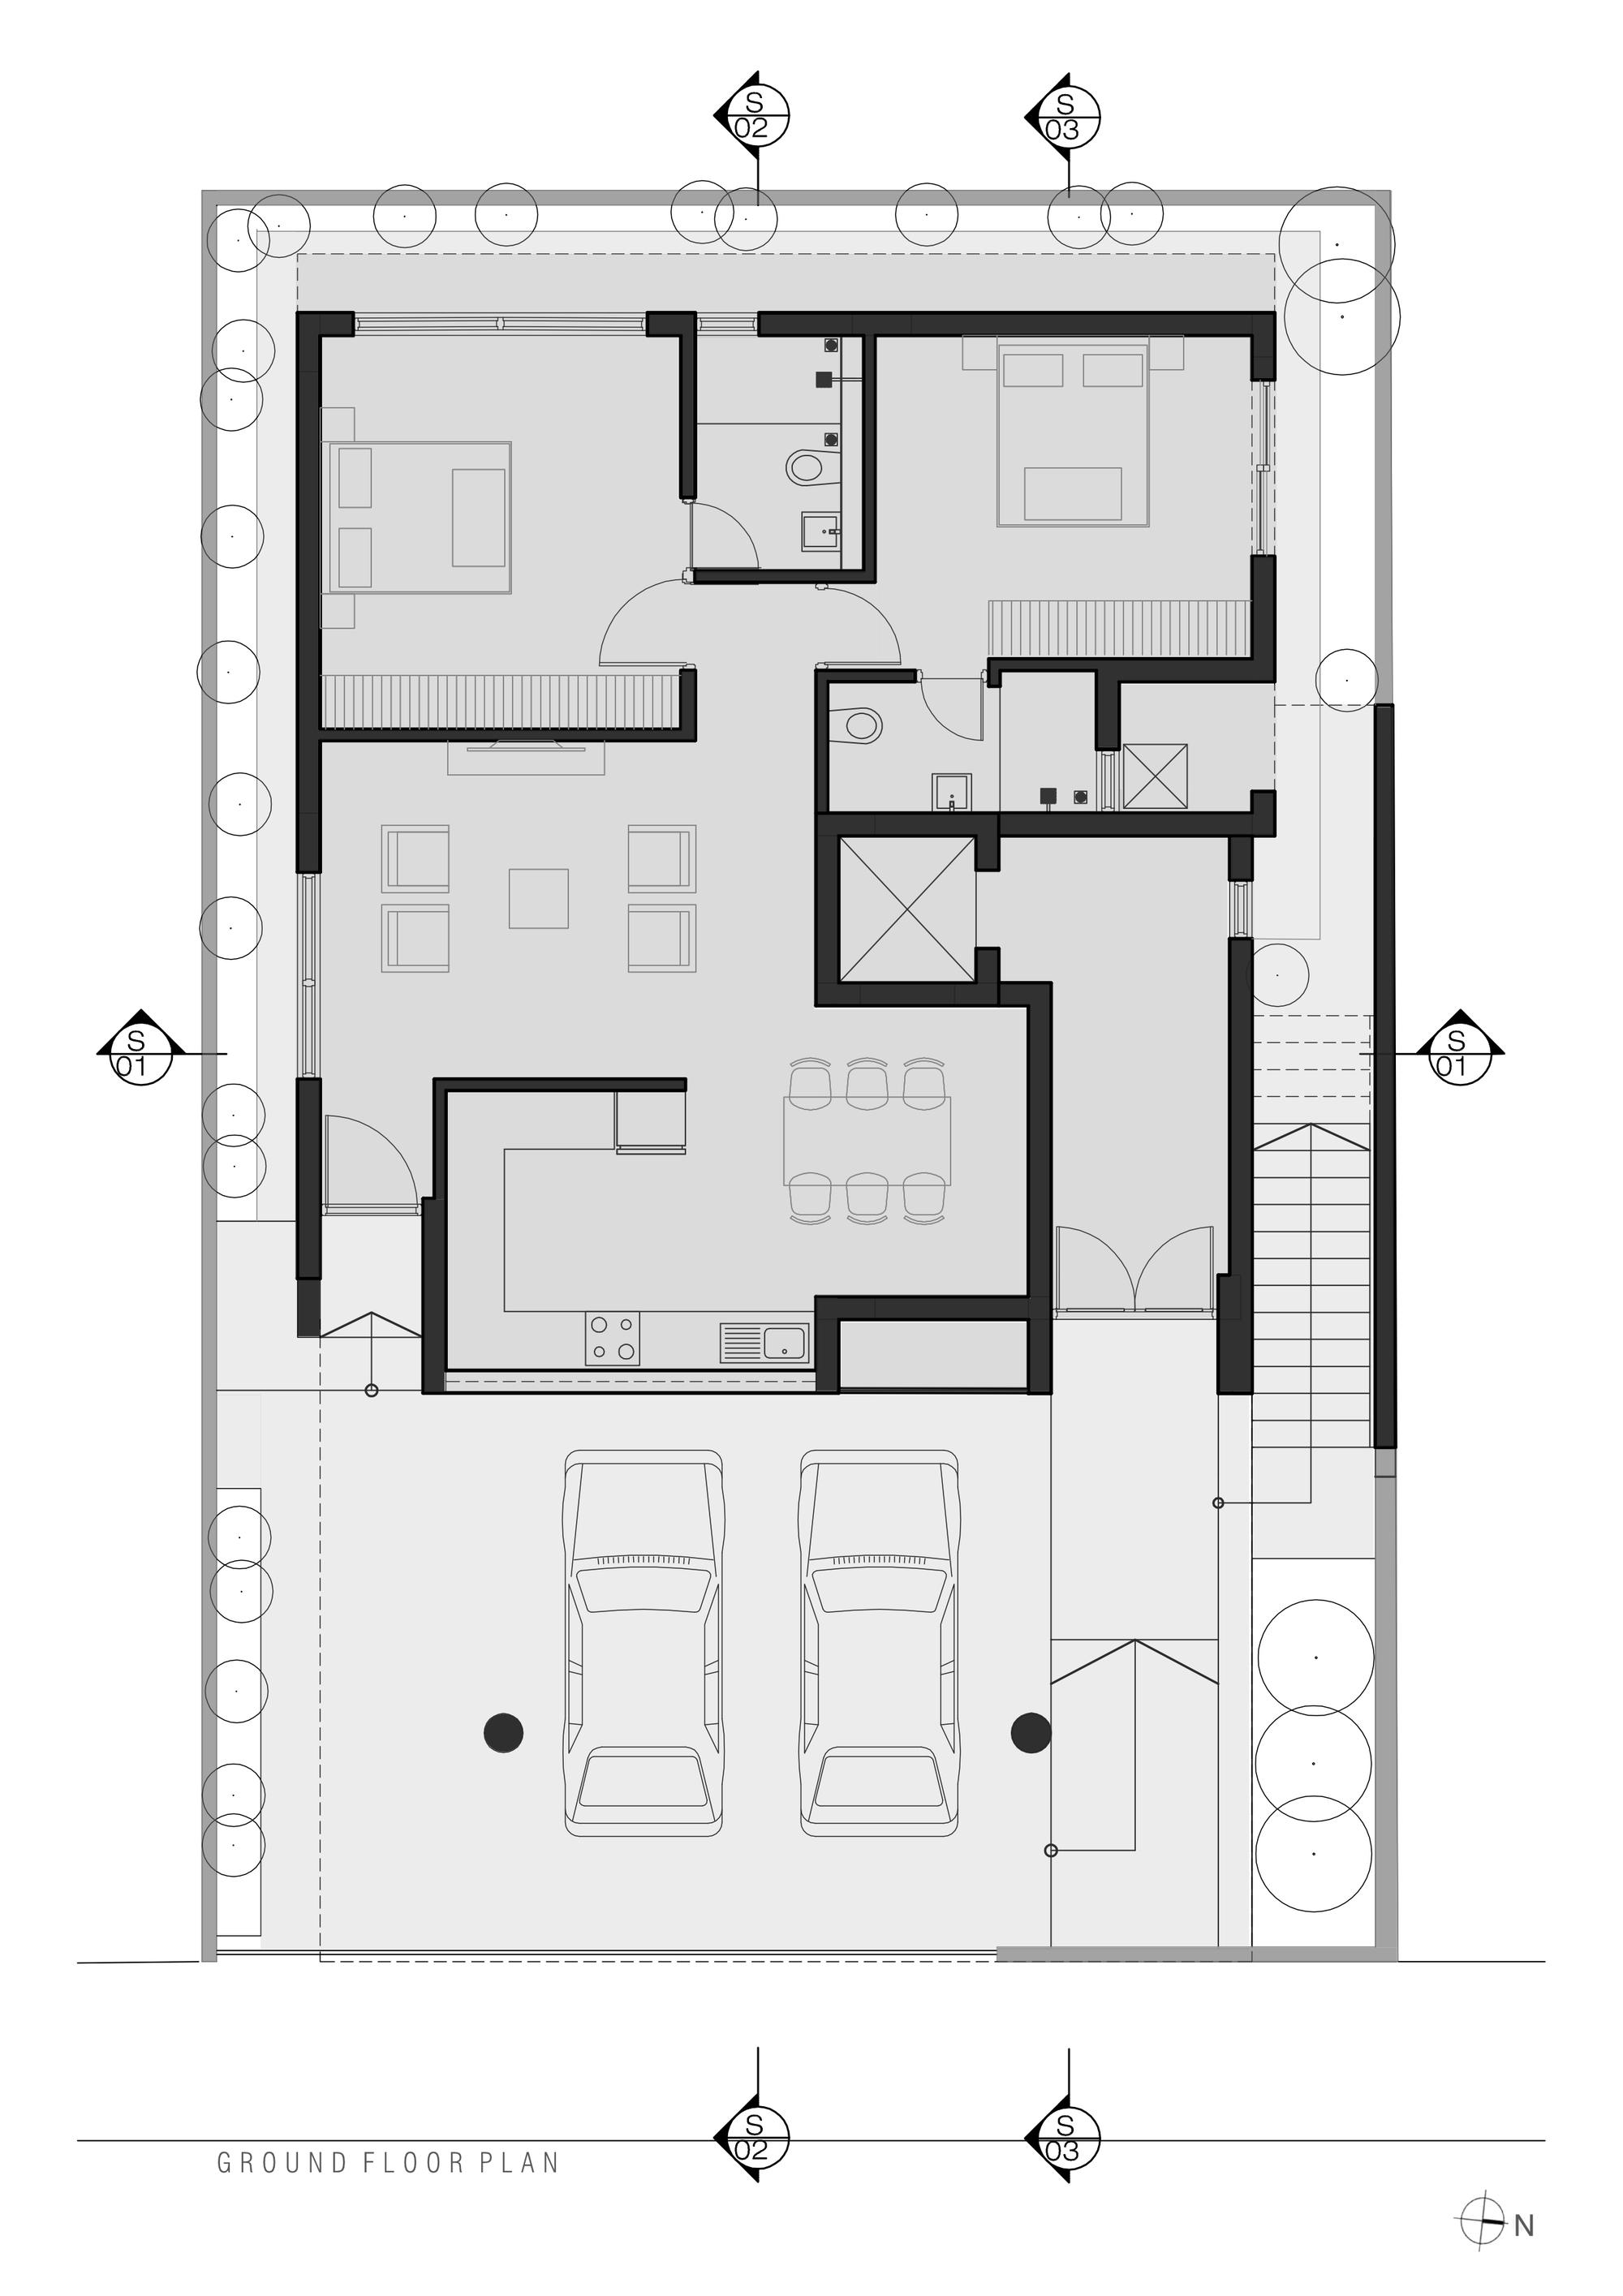 Galeria De Residencia Arranjo De Tijolos Greyscale Design Studio 28